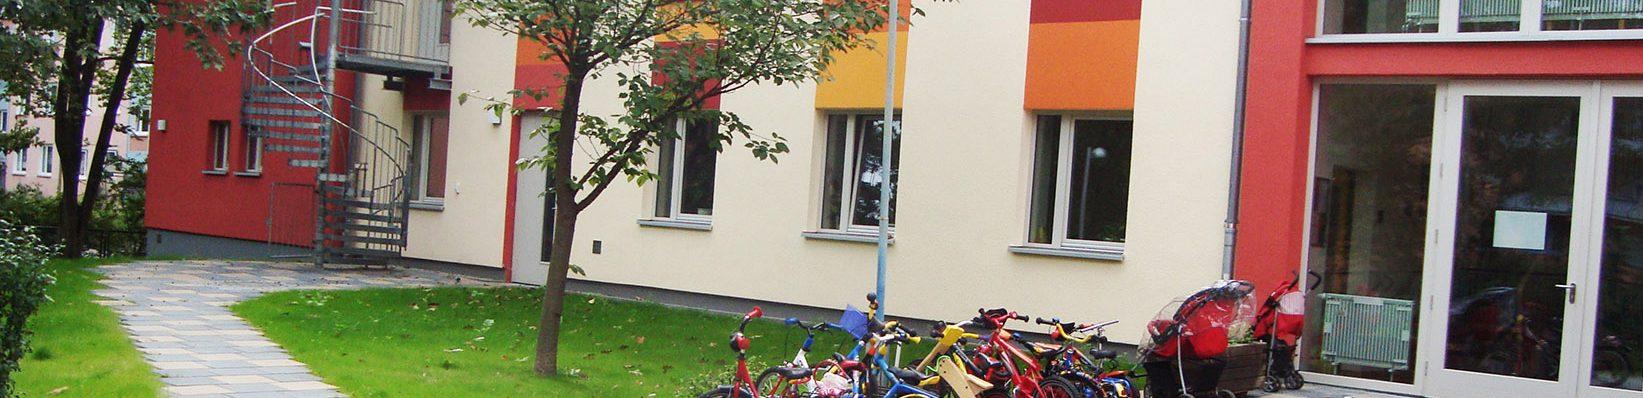 Kita Spatzennest Haus Fassade Eingang